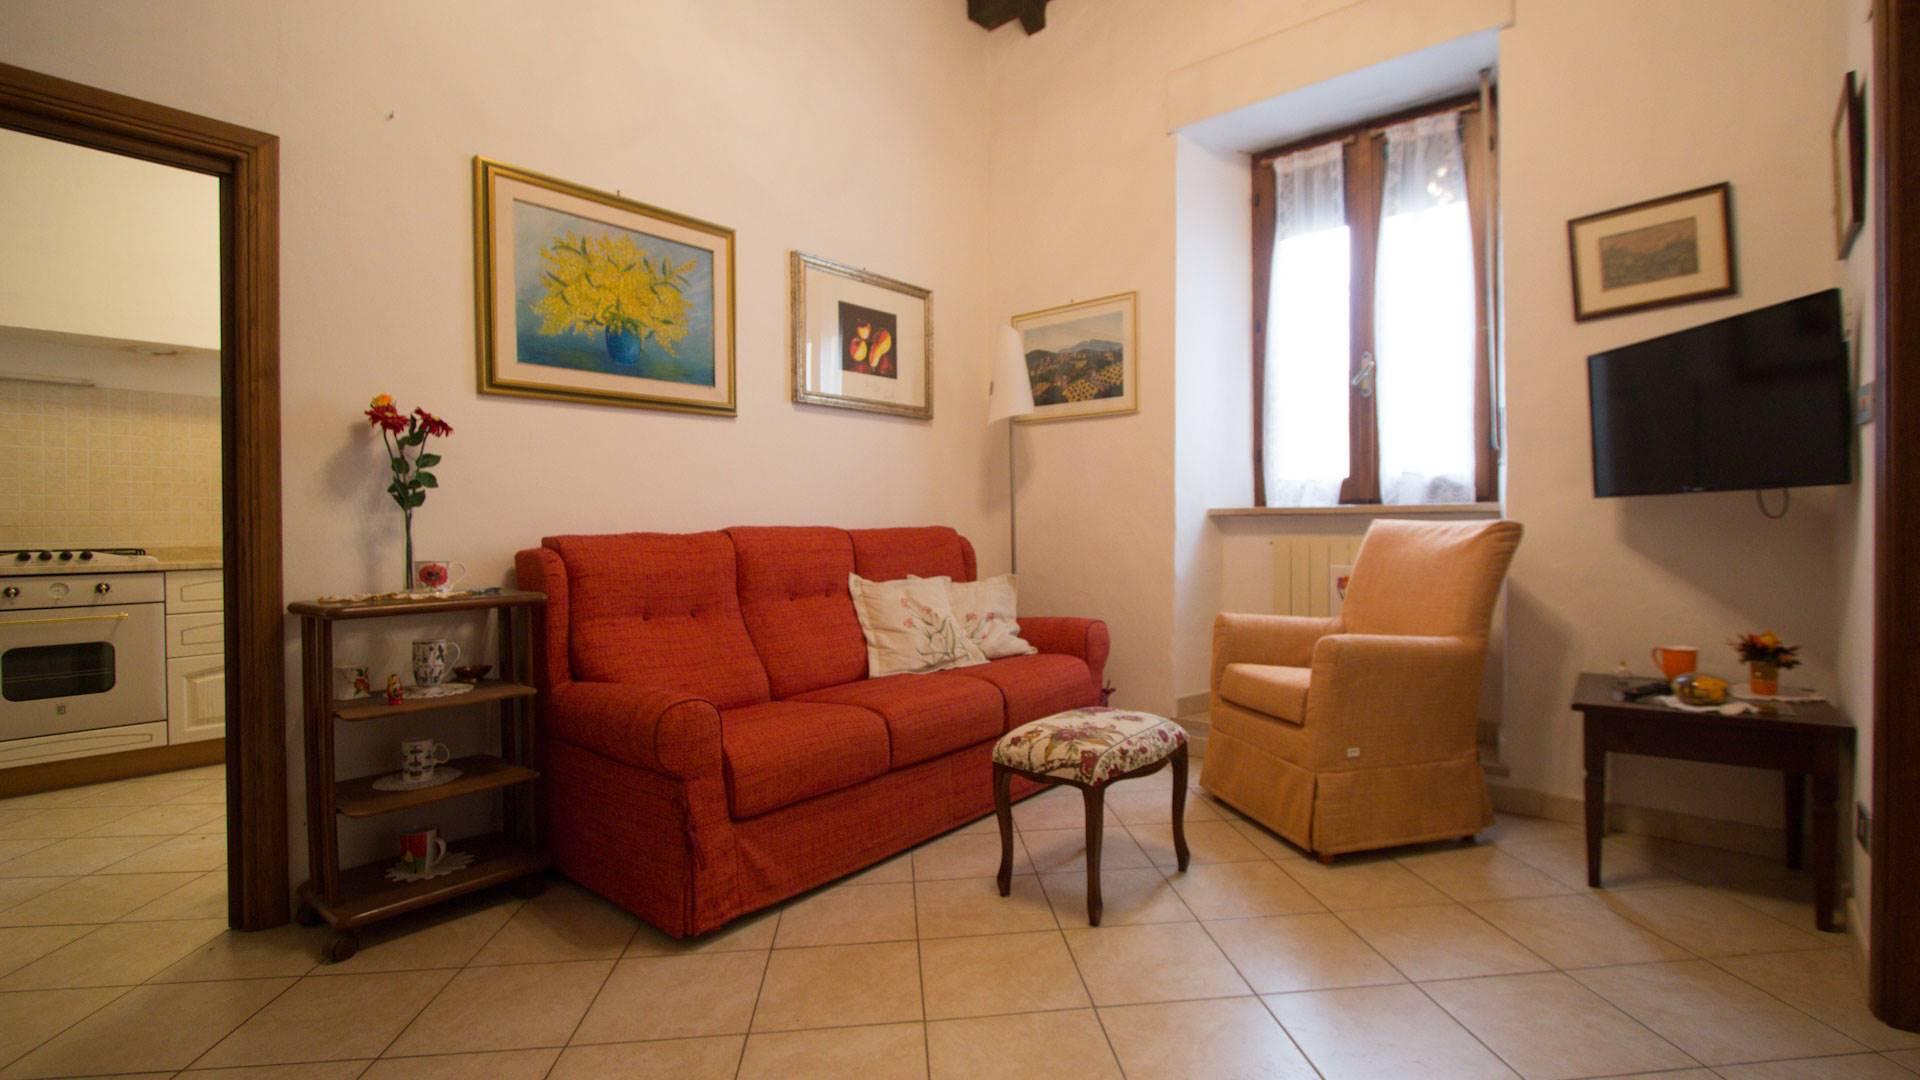 Appartamento nel centro di Montalcino in piccolo condominio composto da sole due unità immobiliari, si sviluppa al piano terra rialzato e si compone